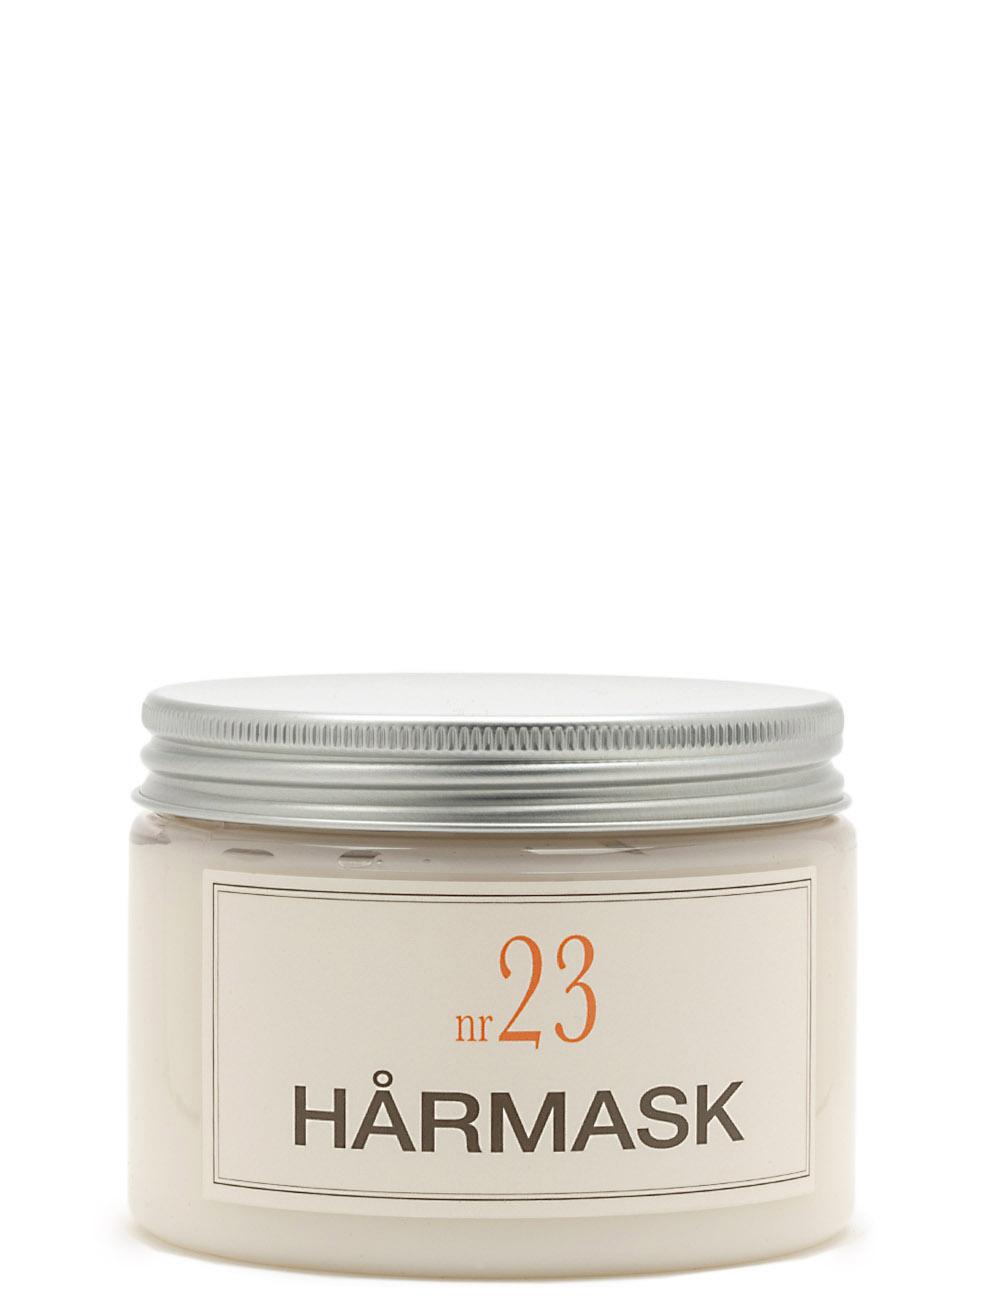 BRUNS Products Nr23 Unscented Hårmask Hajusteeton Hiusnaamio 350 ml